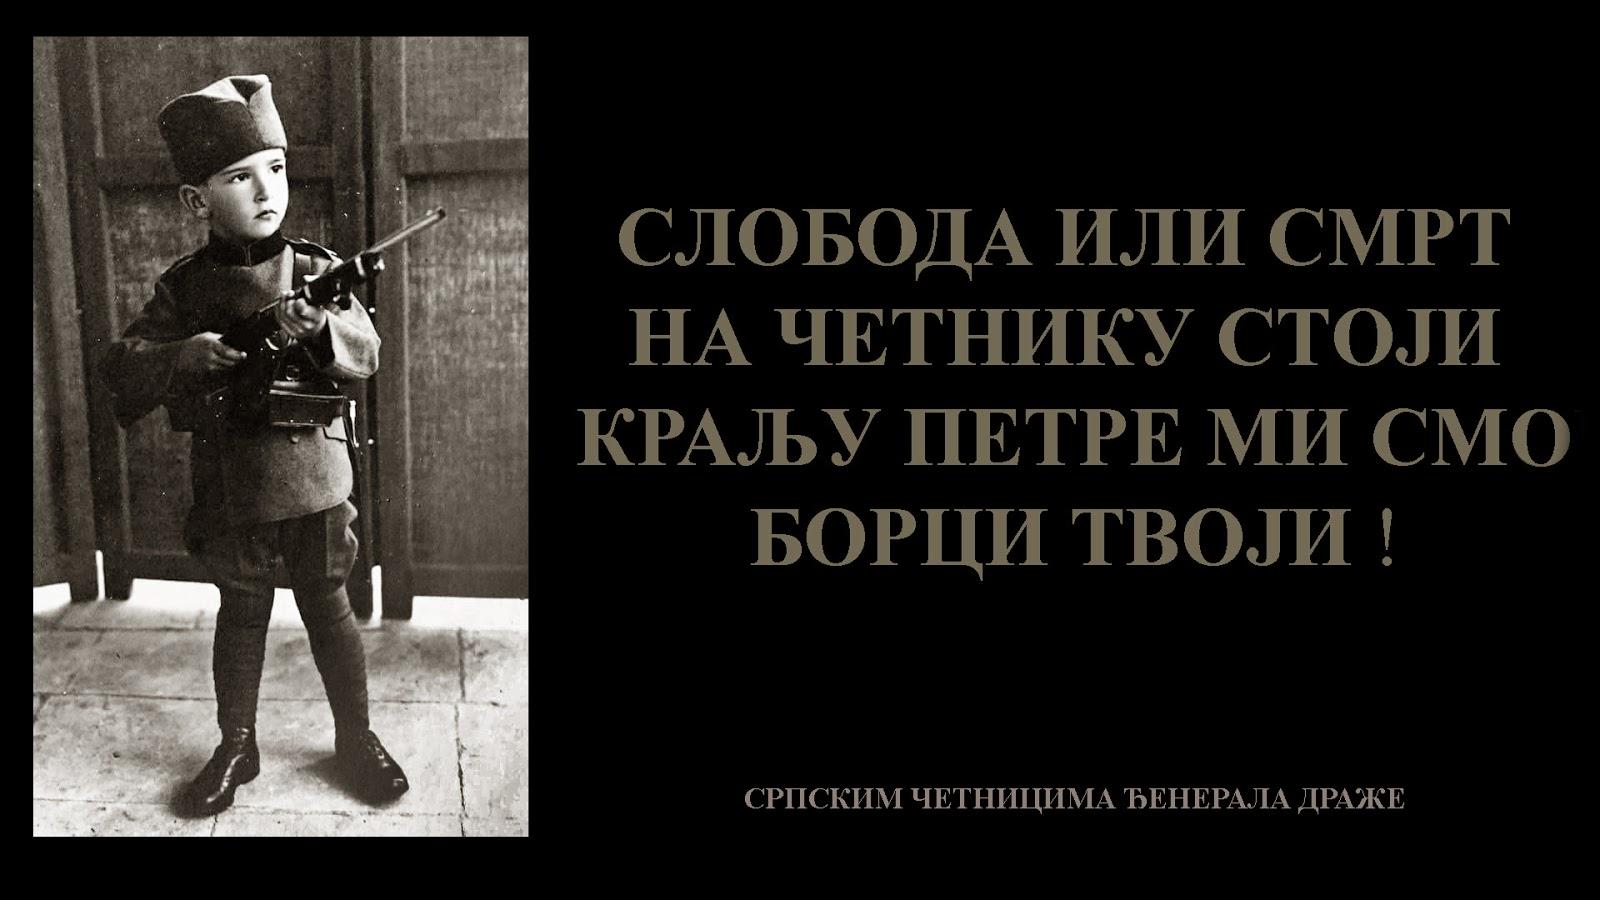 foto:. www.generalmihailovich.com